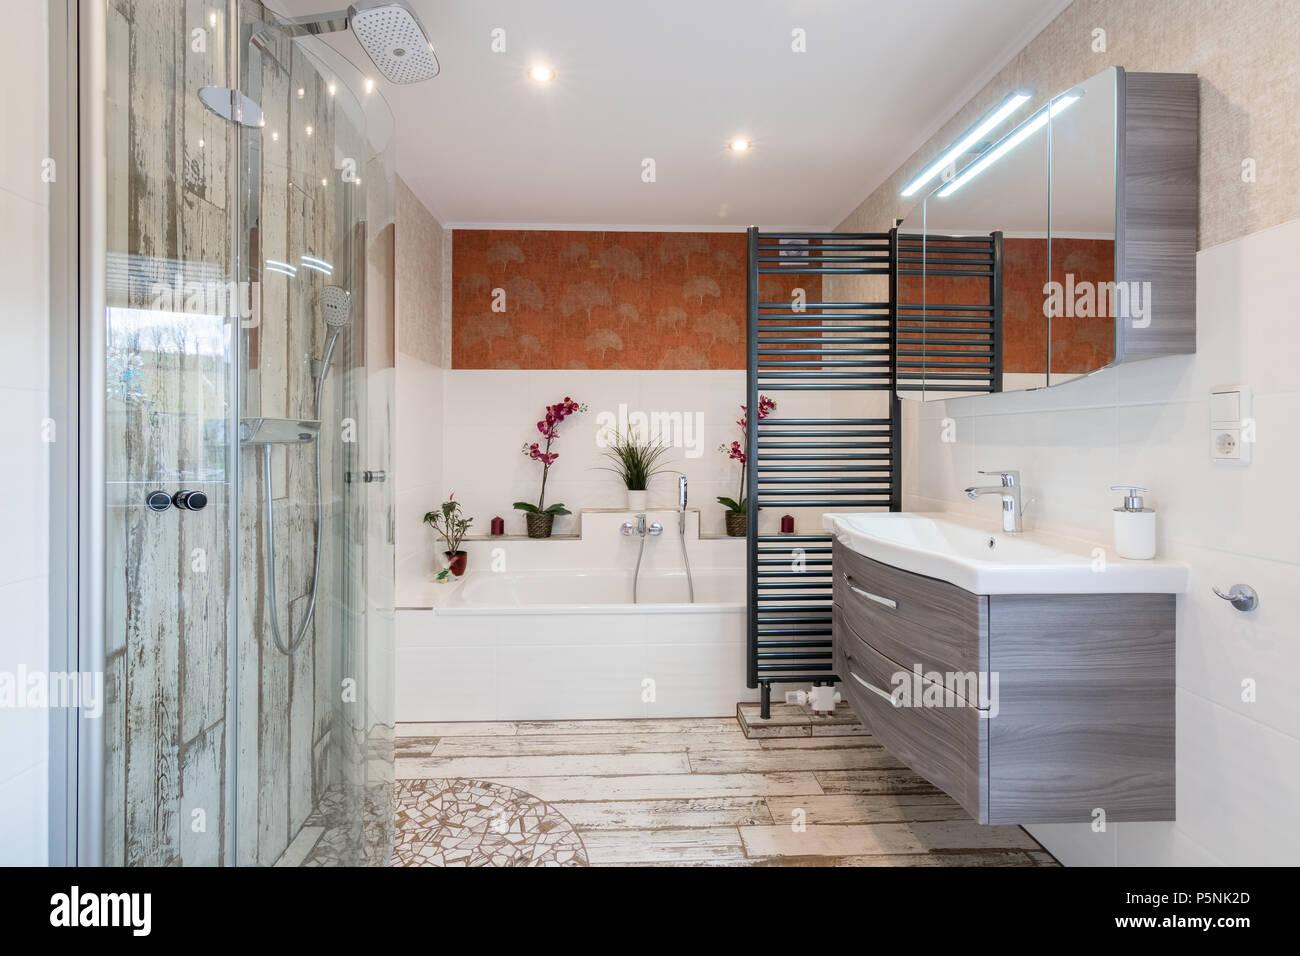 Cuarto de baño moderno en estilo de época con lavabo, bañera, ducha ...